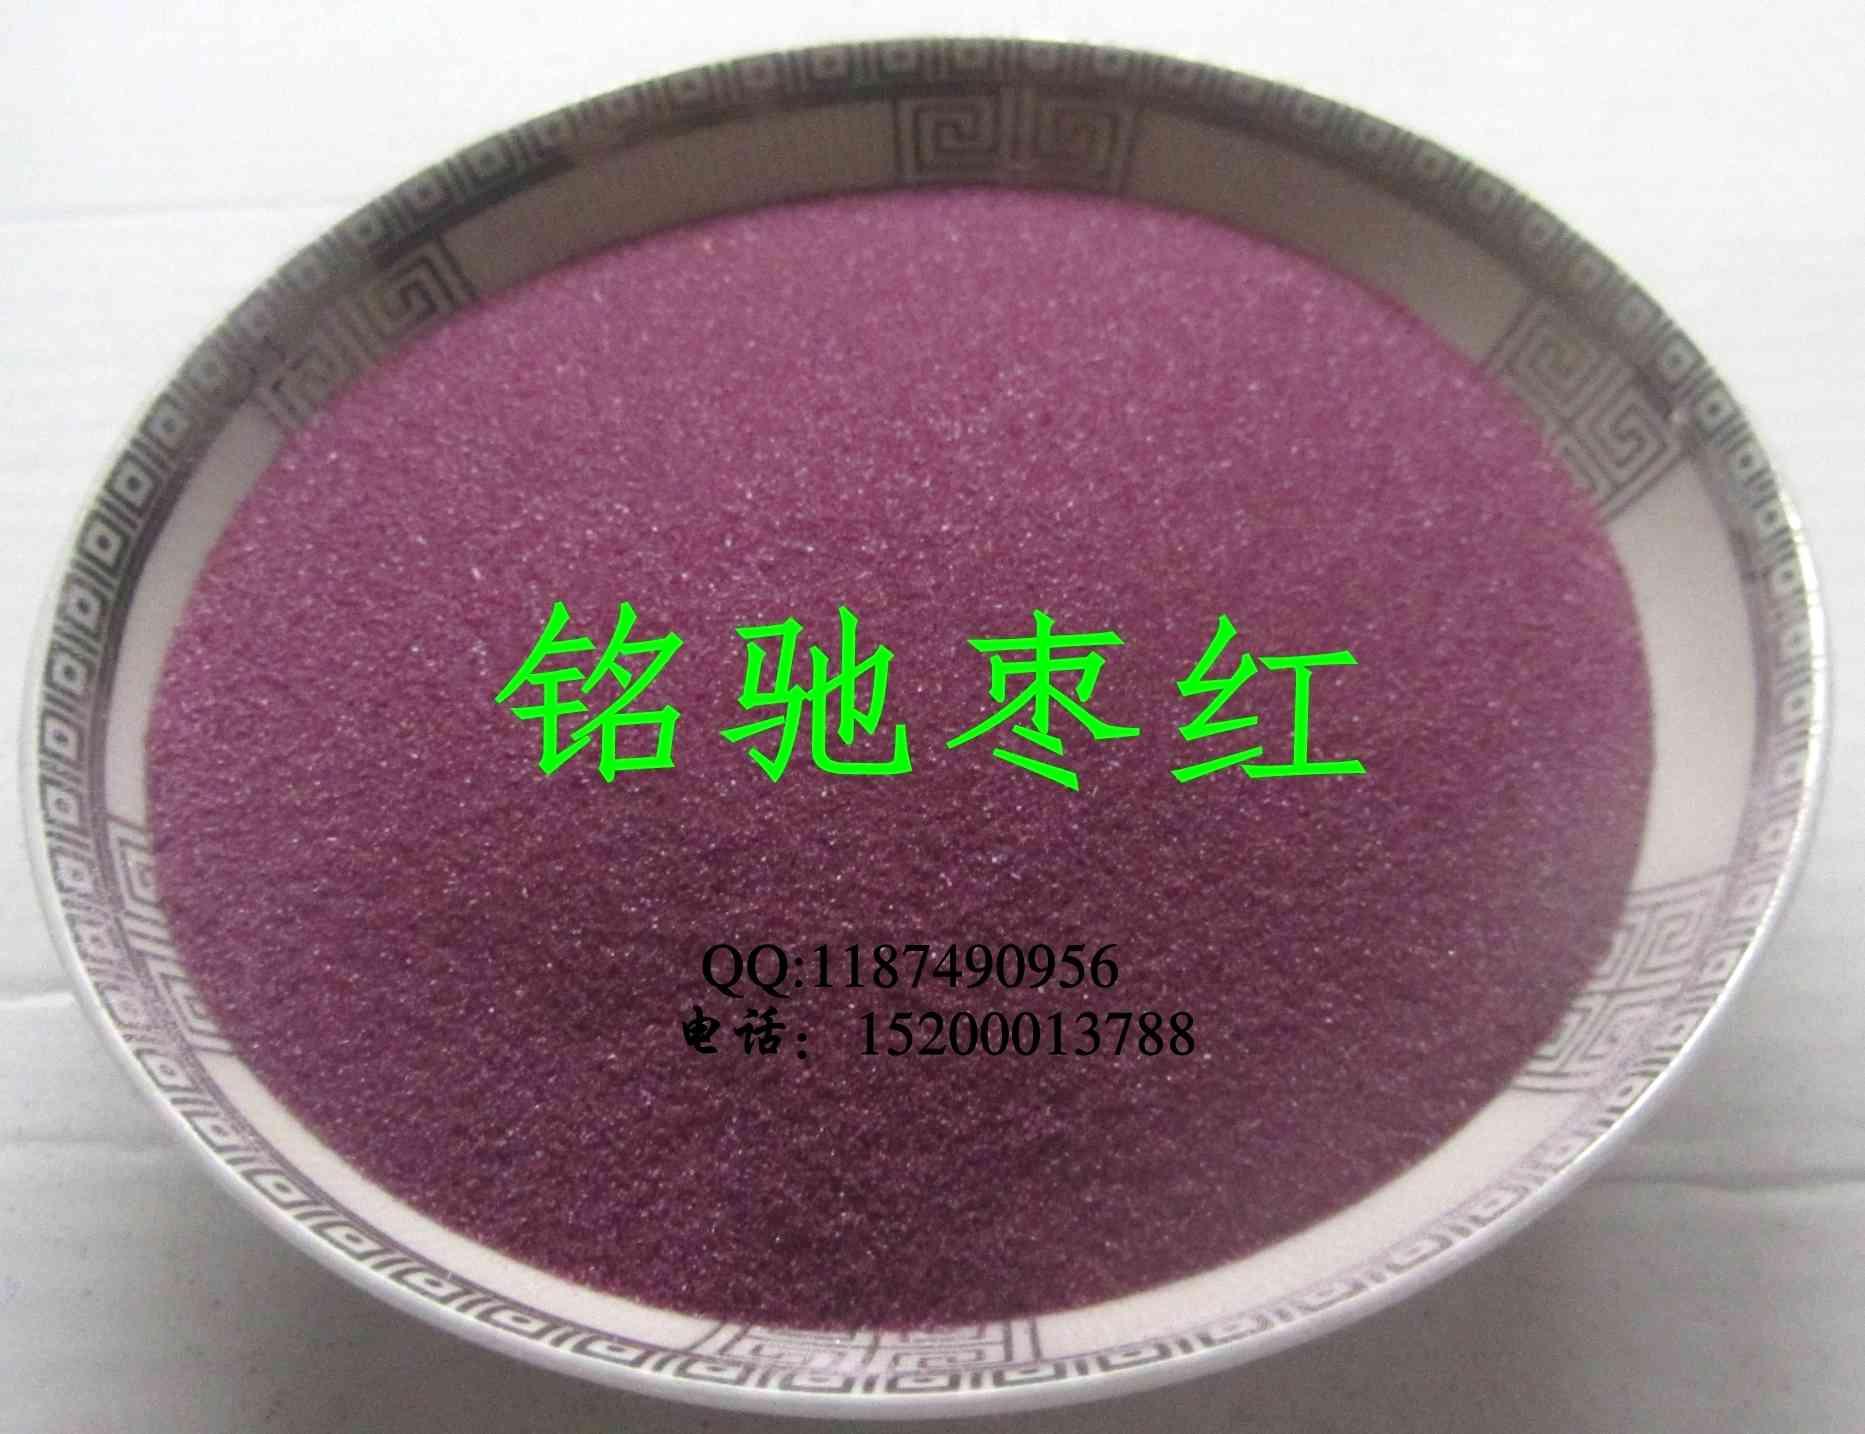 豆绿染色彩砂 河北彩砂厂 大黄染色彩砂 大绿染色彩砂